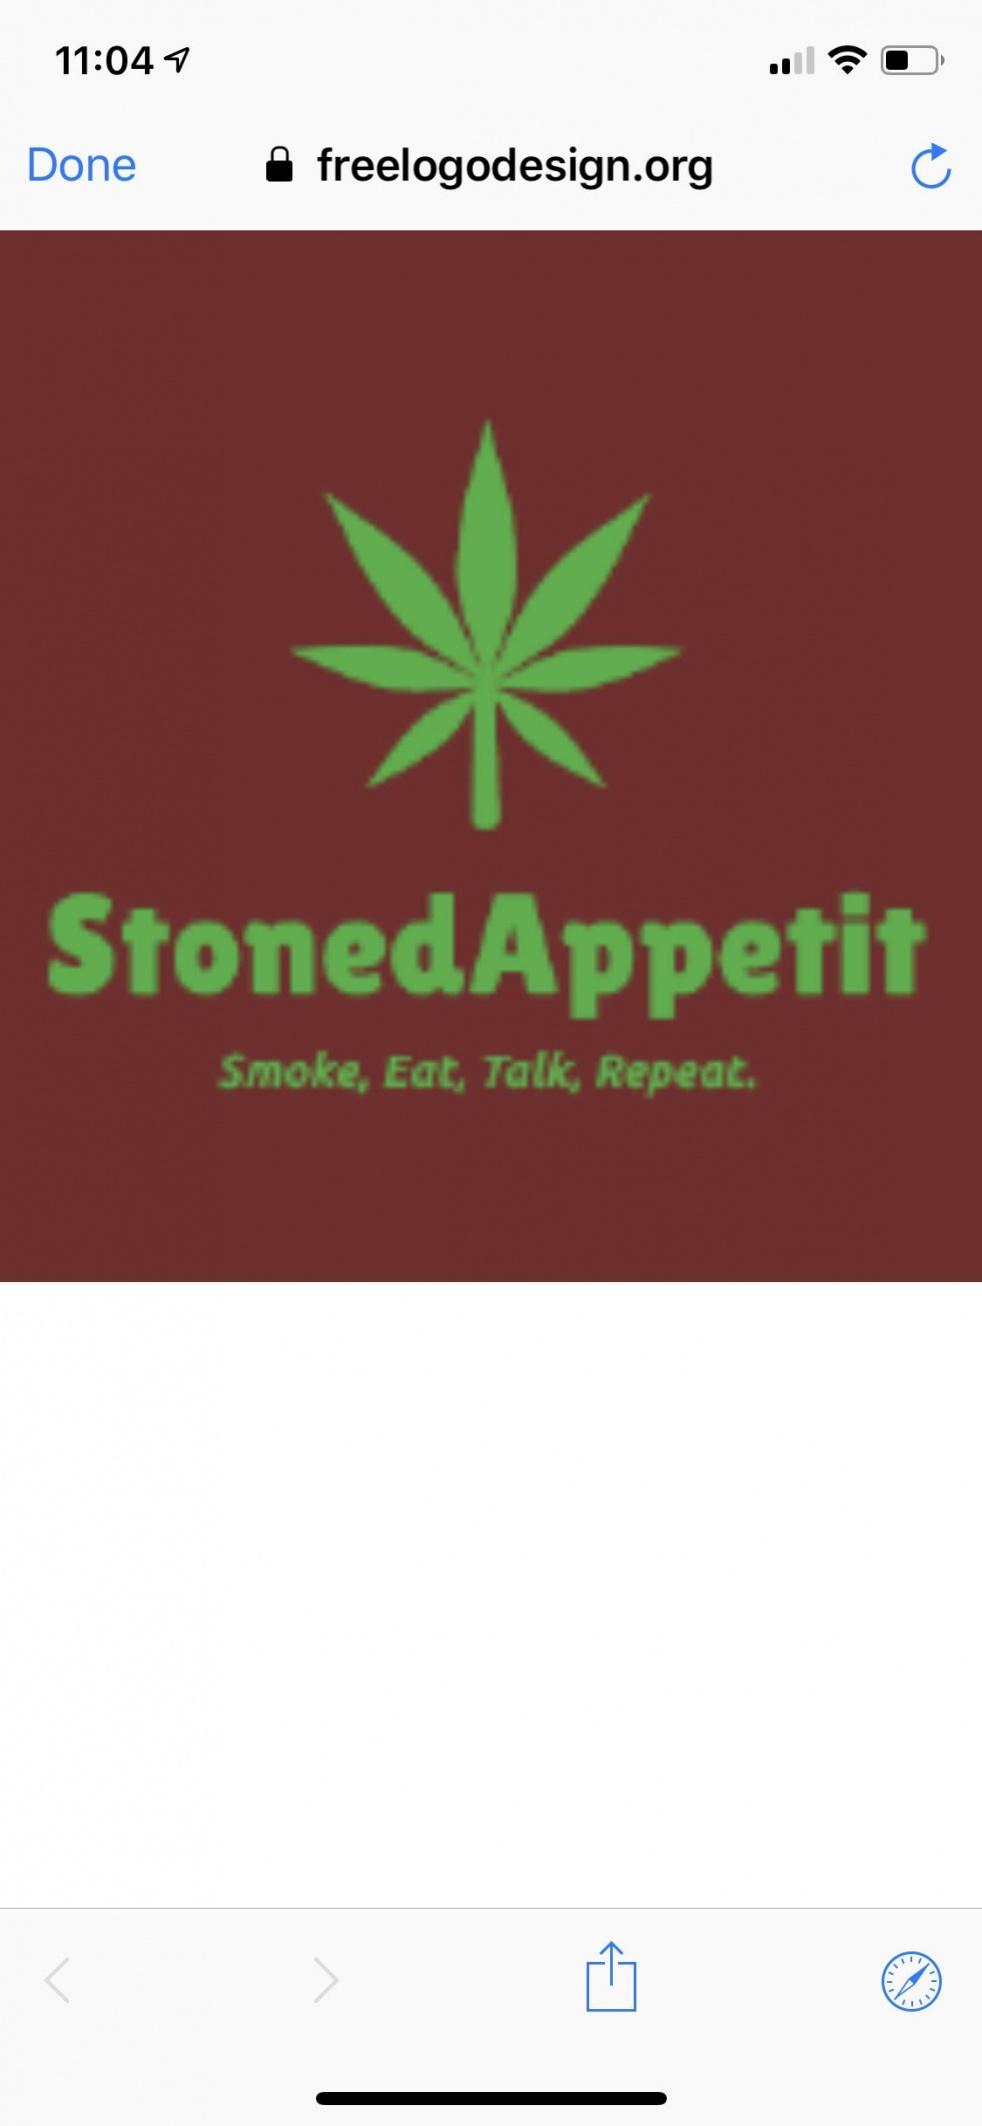 Stoned Appetit - immagine di copertina